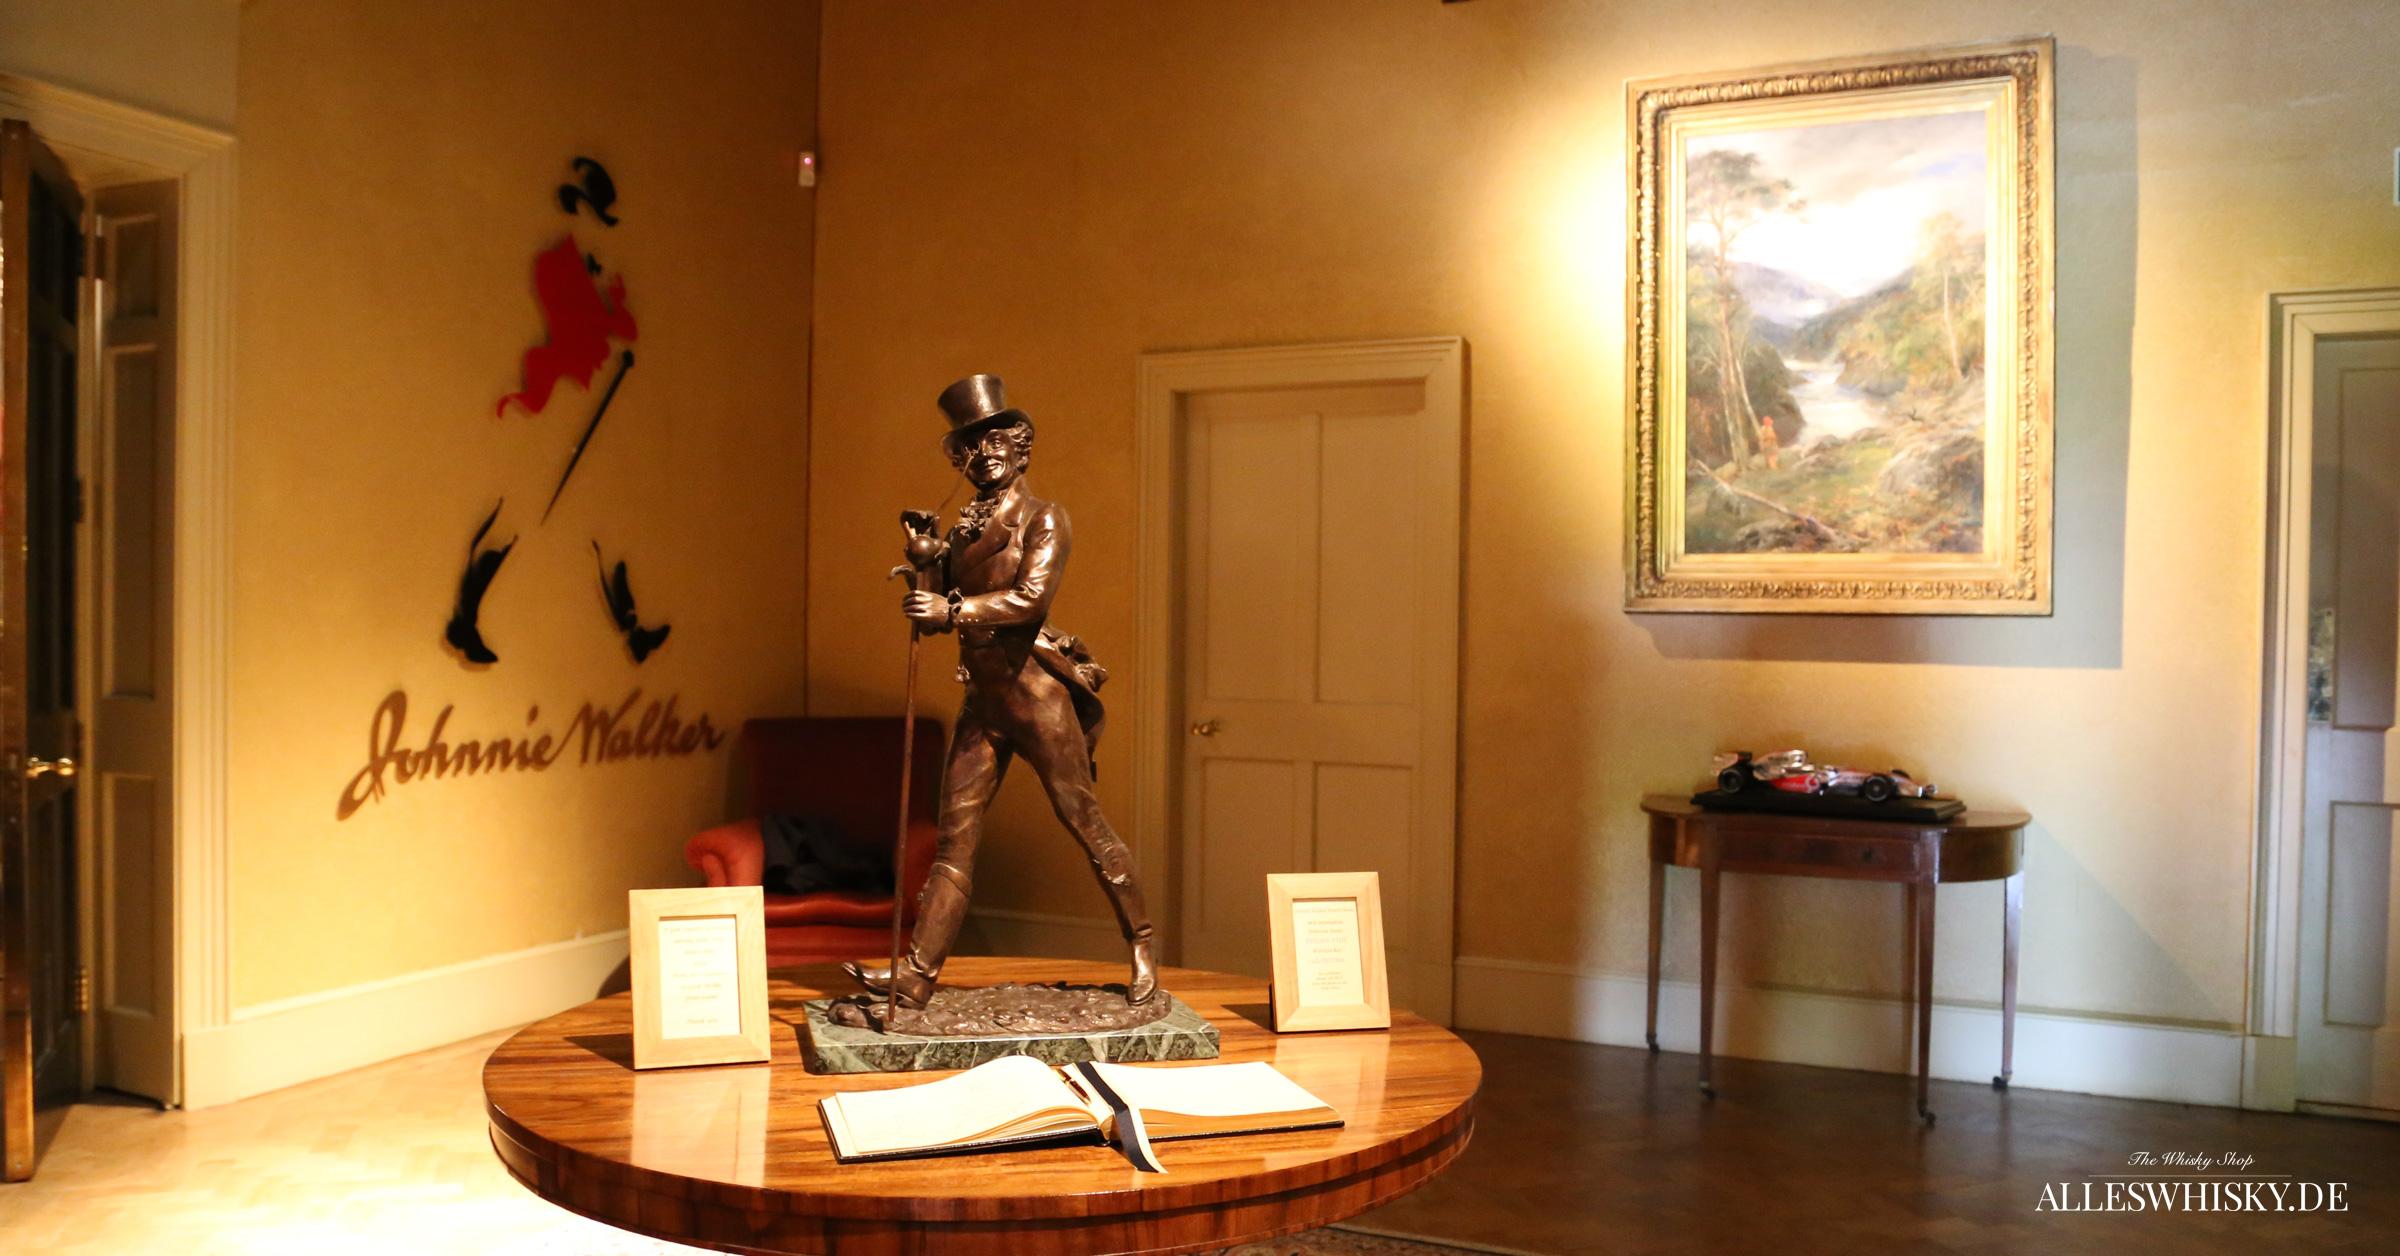 Johnnie Walker Figur im Brand Home der Cardhu Brennerei